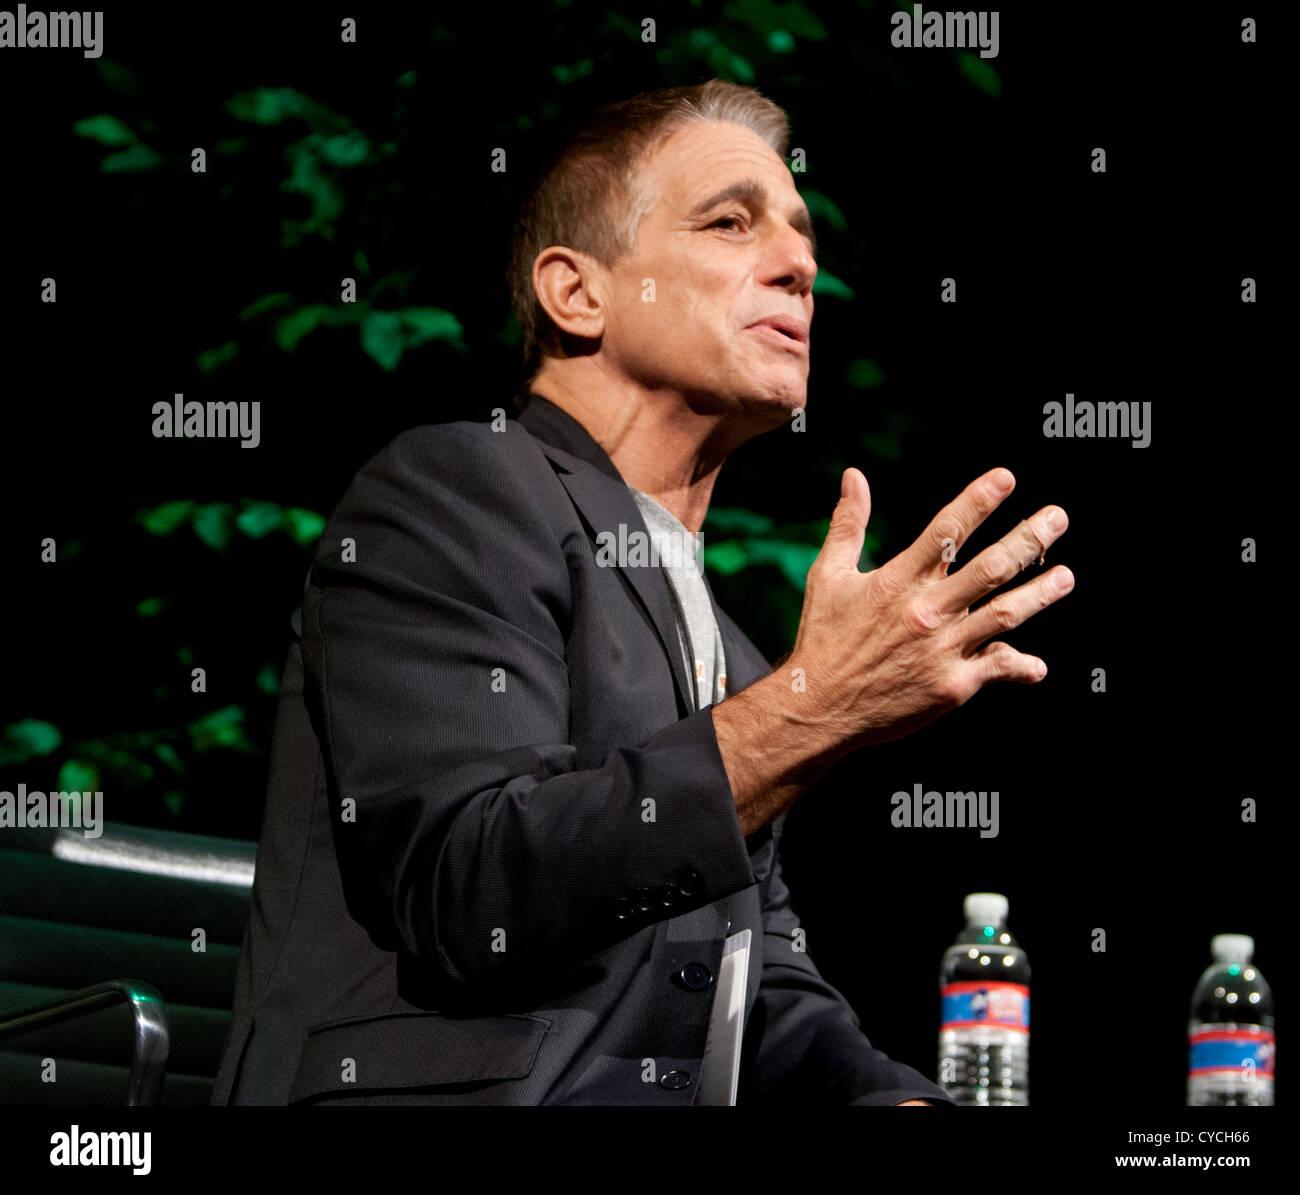 Actor, profesor y autor de Tony Danza, habla durante el Festival del Libro de Texas en Austin, Texas Imagen De Stock